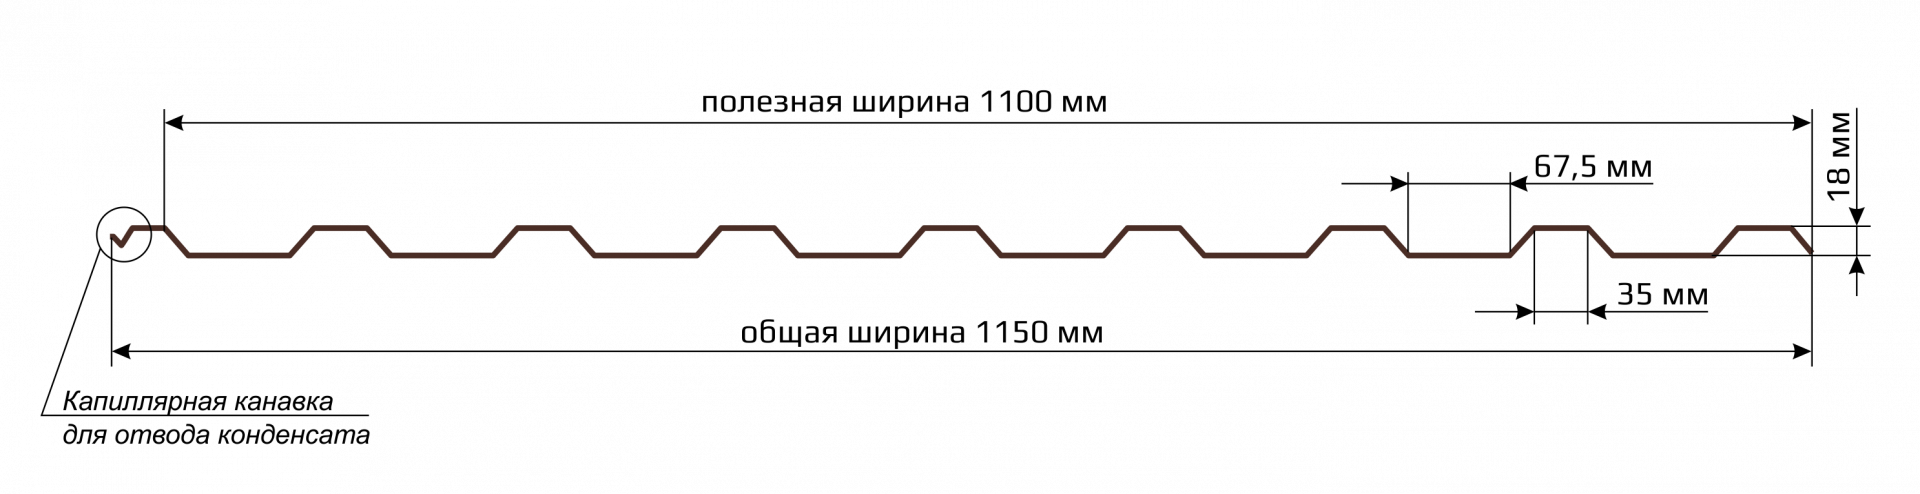 Кровельный профнастил схема - общая, рабочая ширина